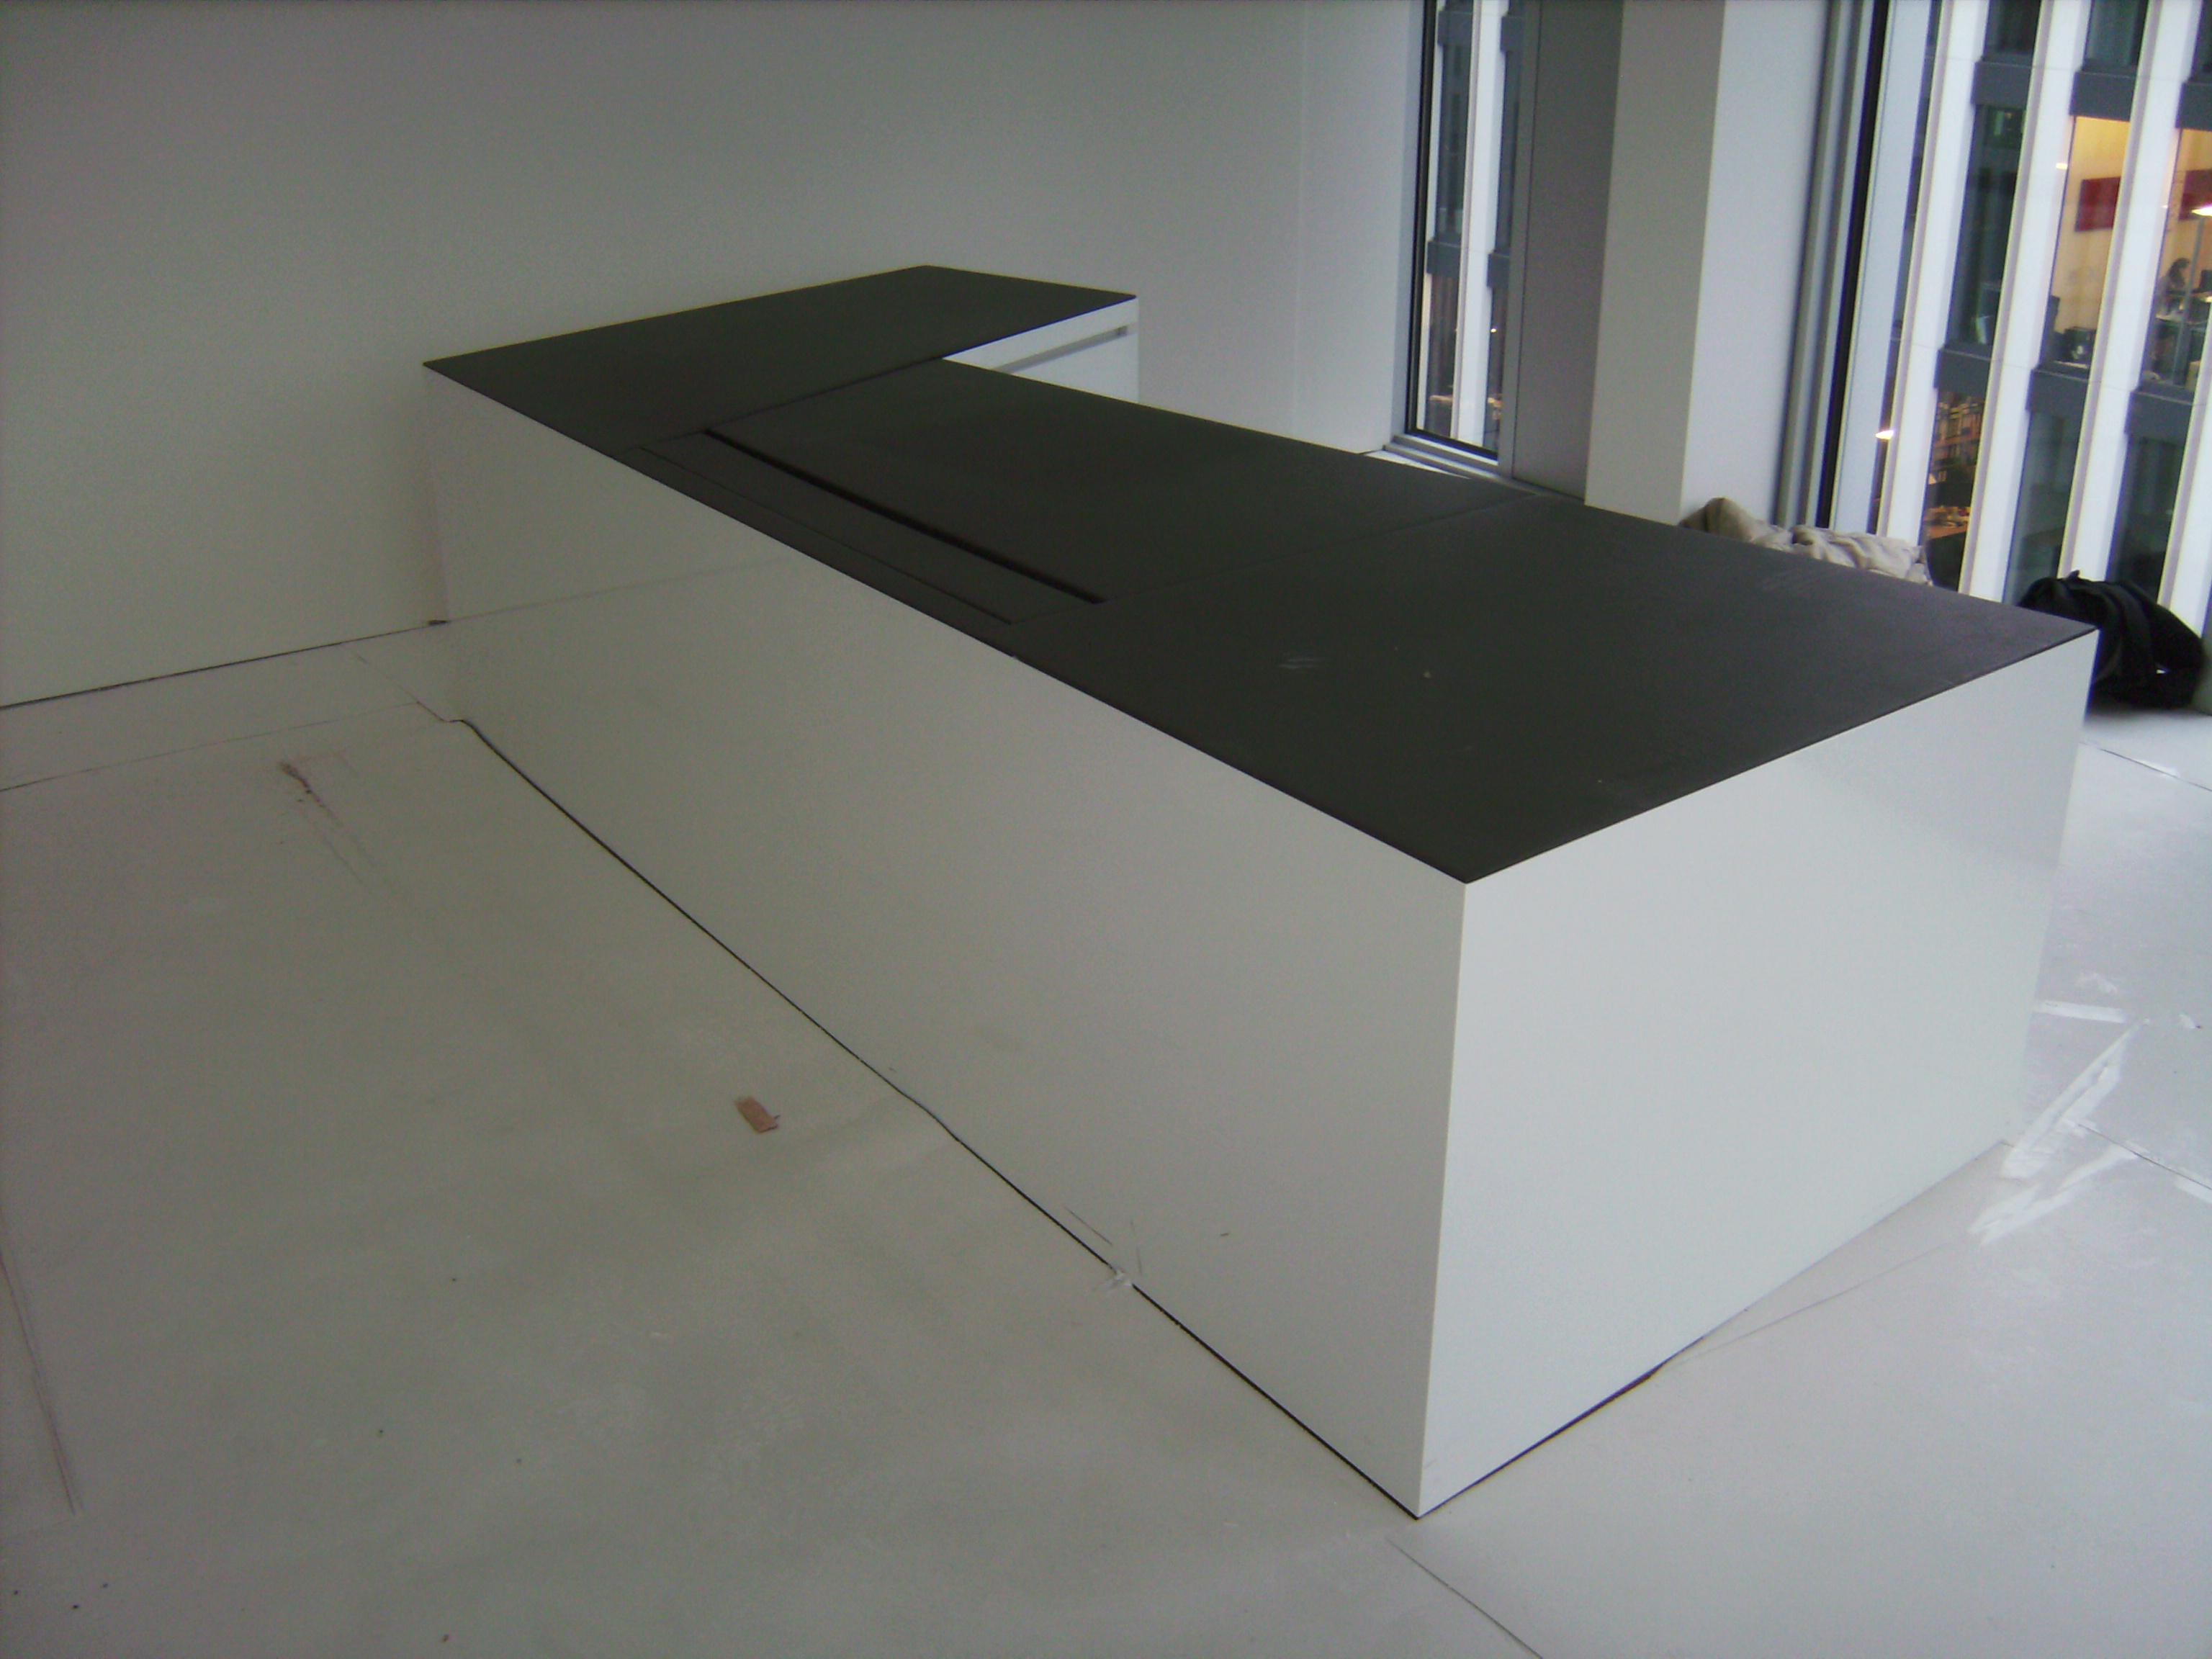 Schreibtisch geschlossen mit Linoleum